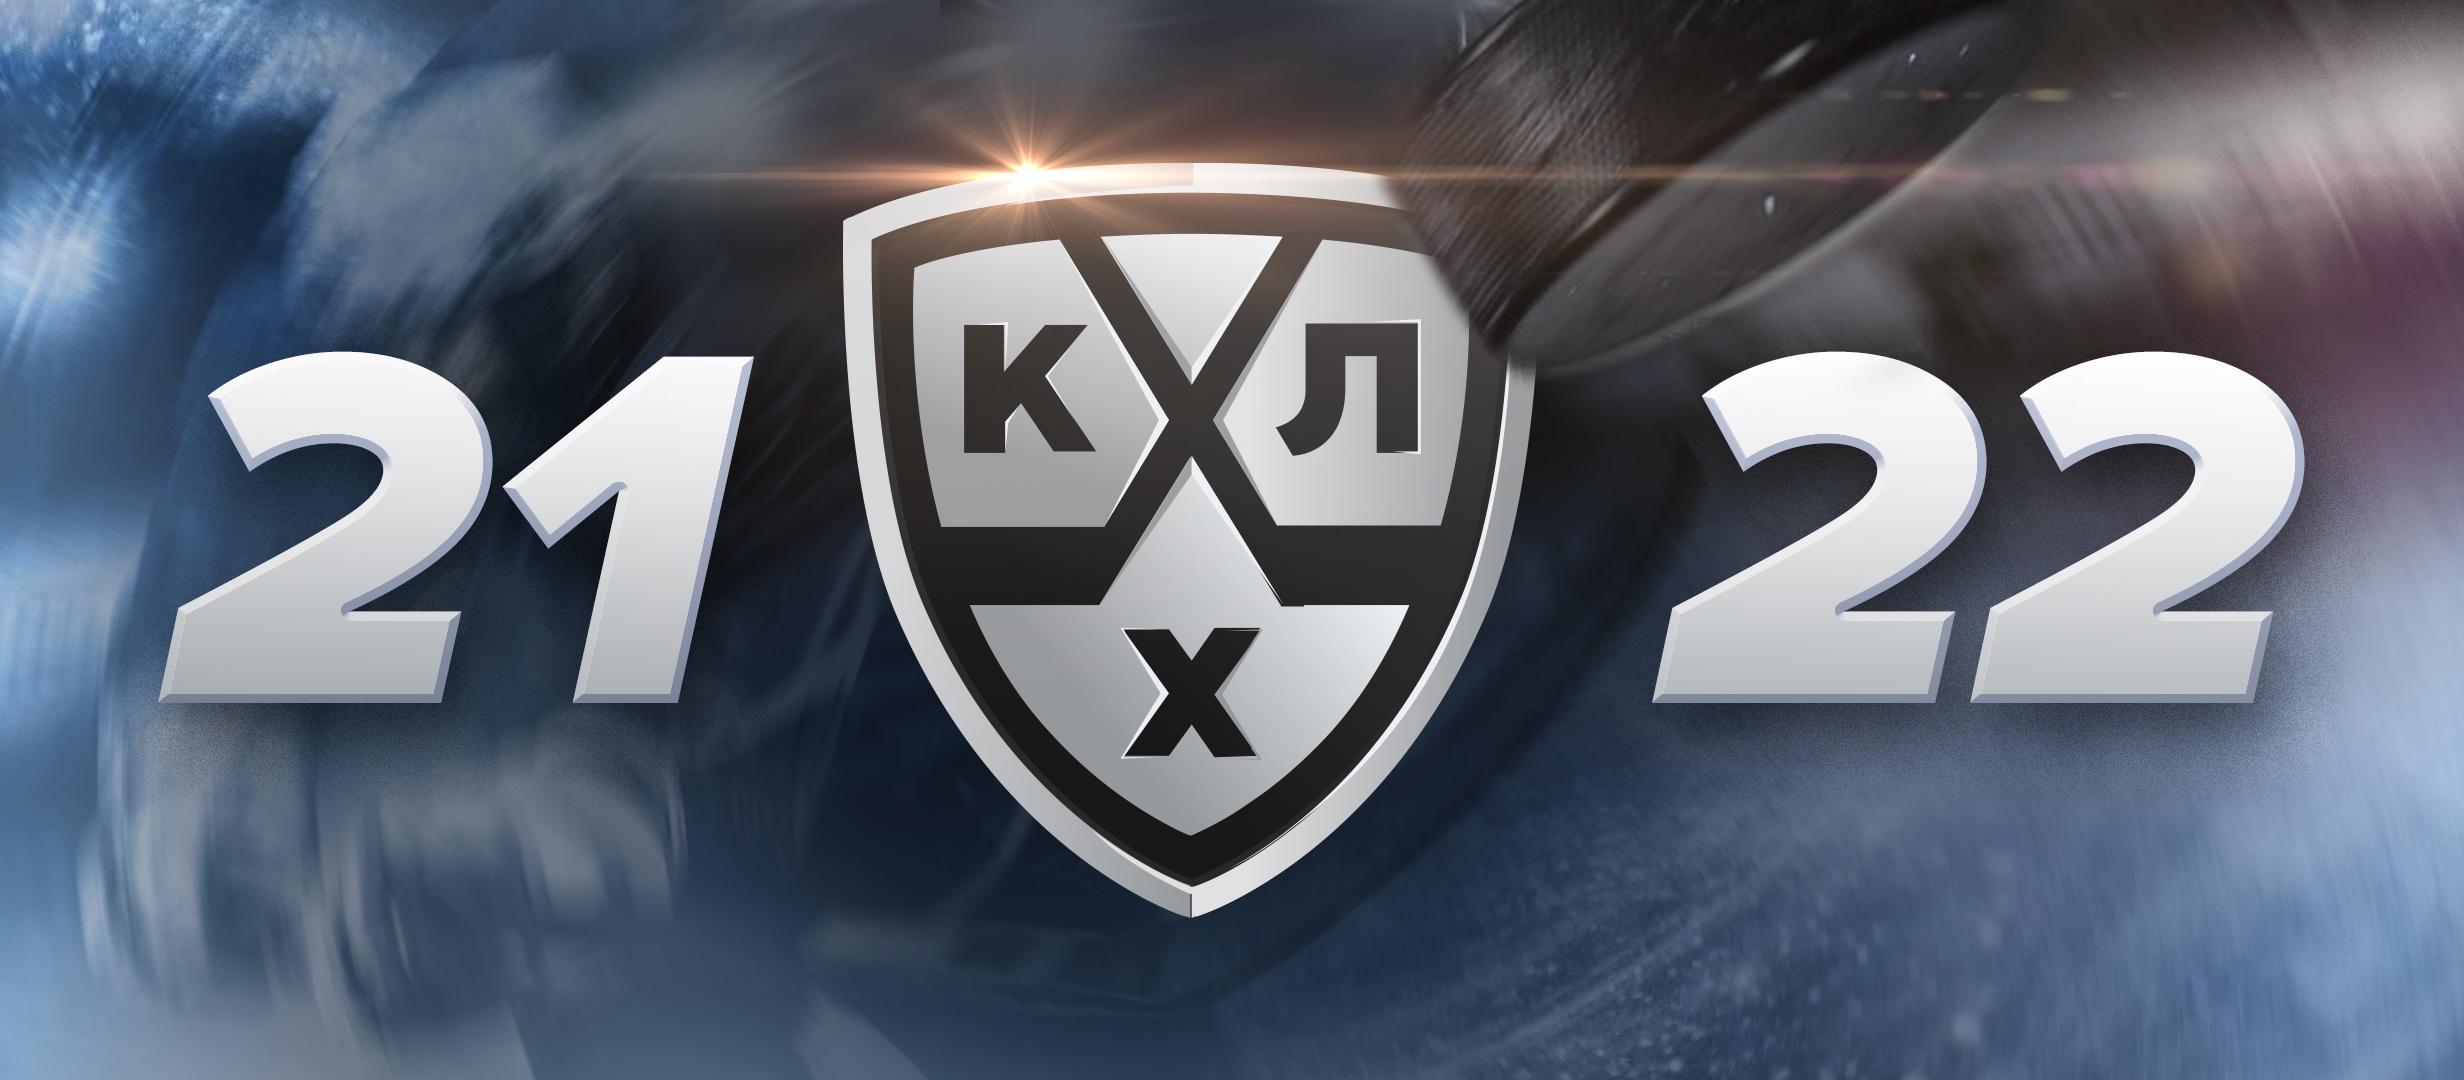 КХЛ 2021/22: семь долгосрочных ставок на регулярный чемпионат